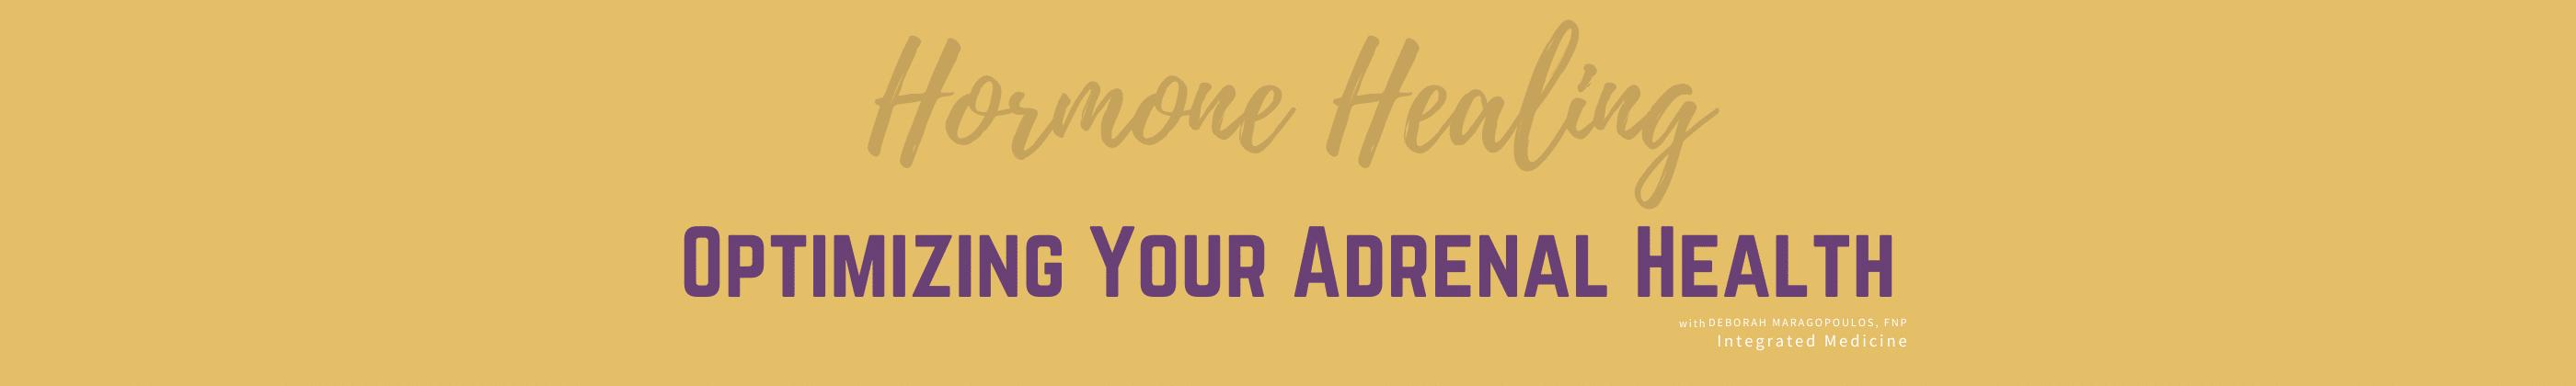 adrenal-healing